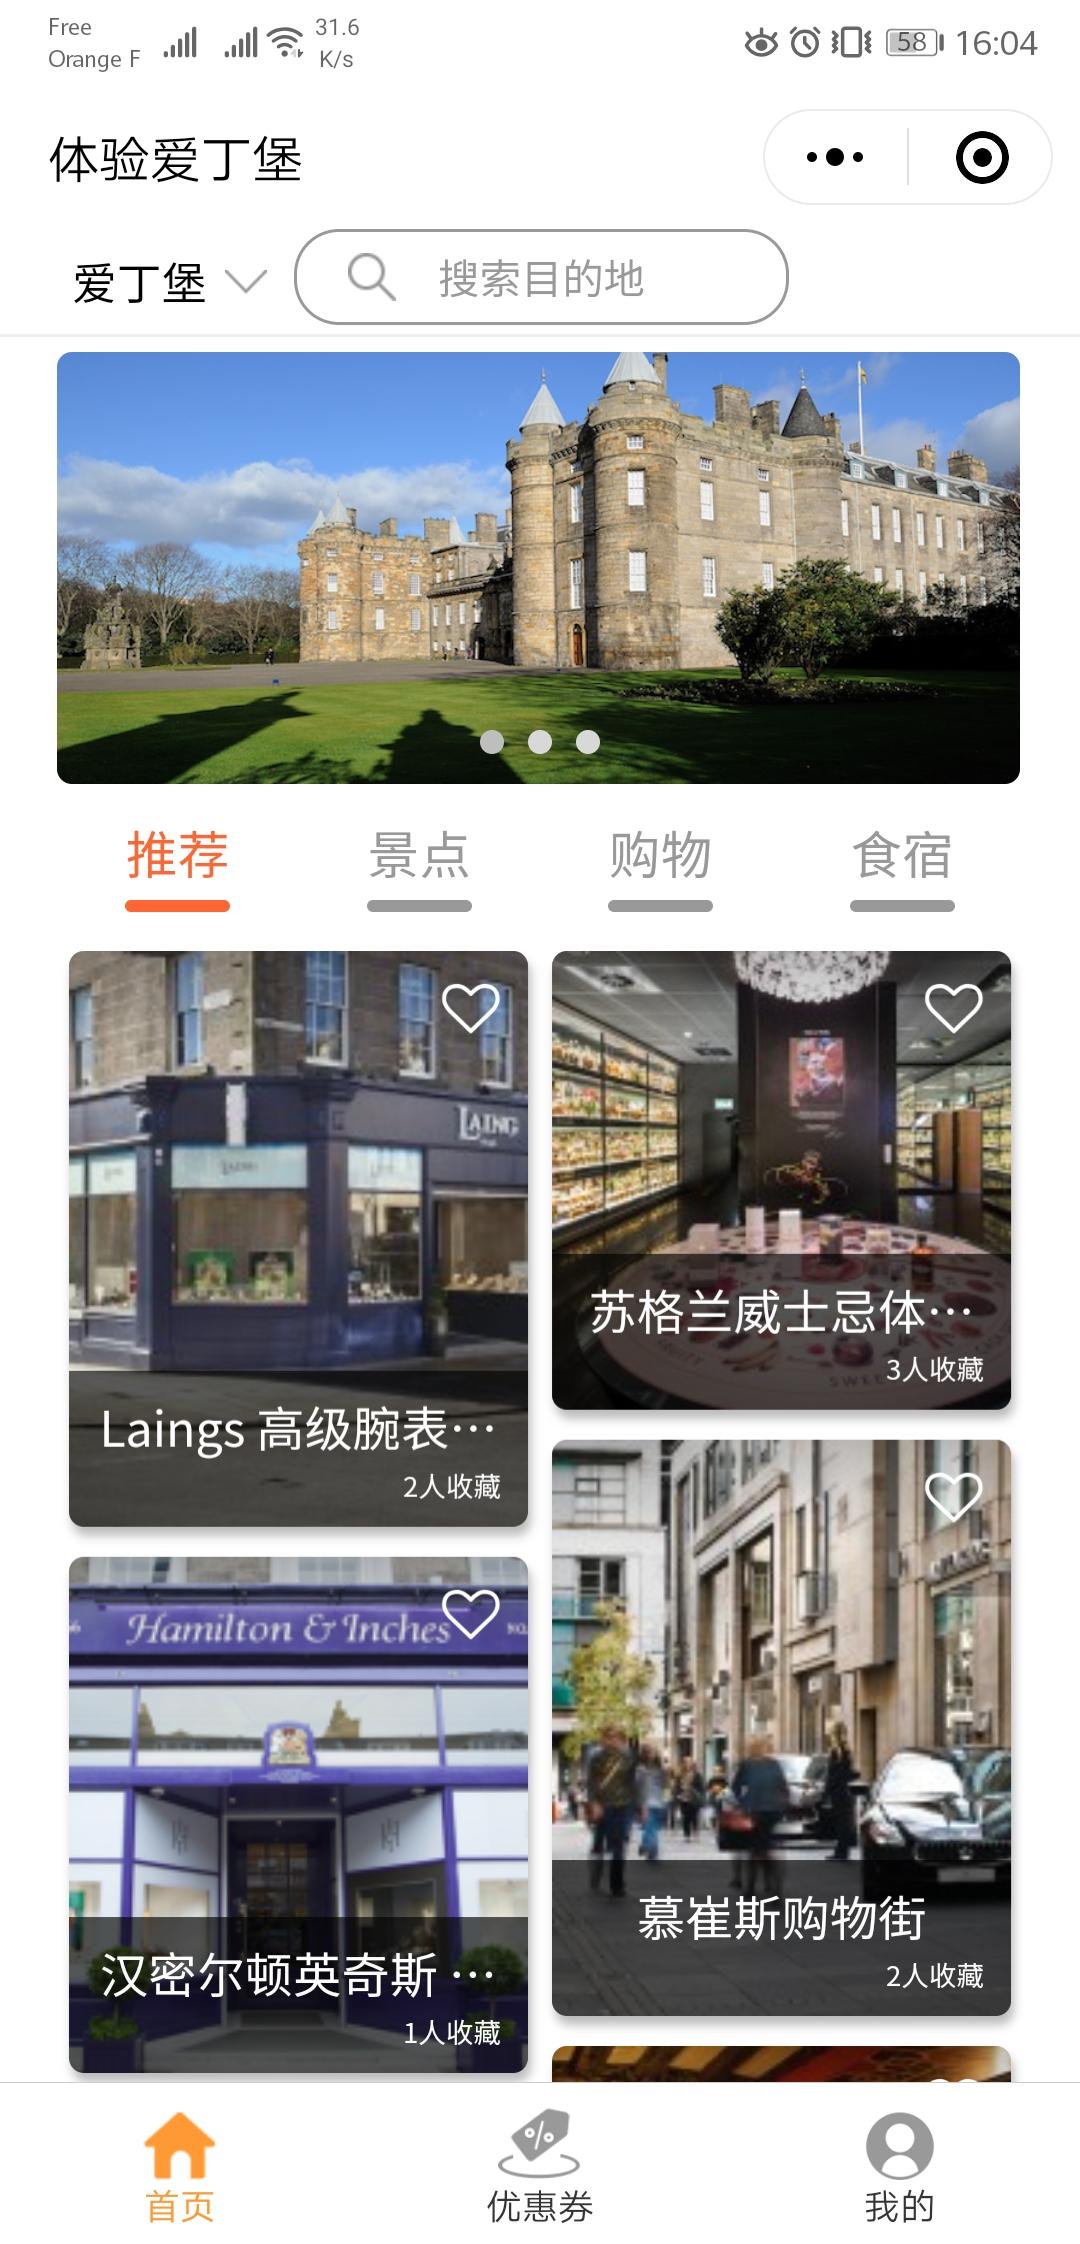 WeChat Edinburgh Experience